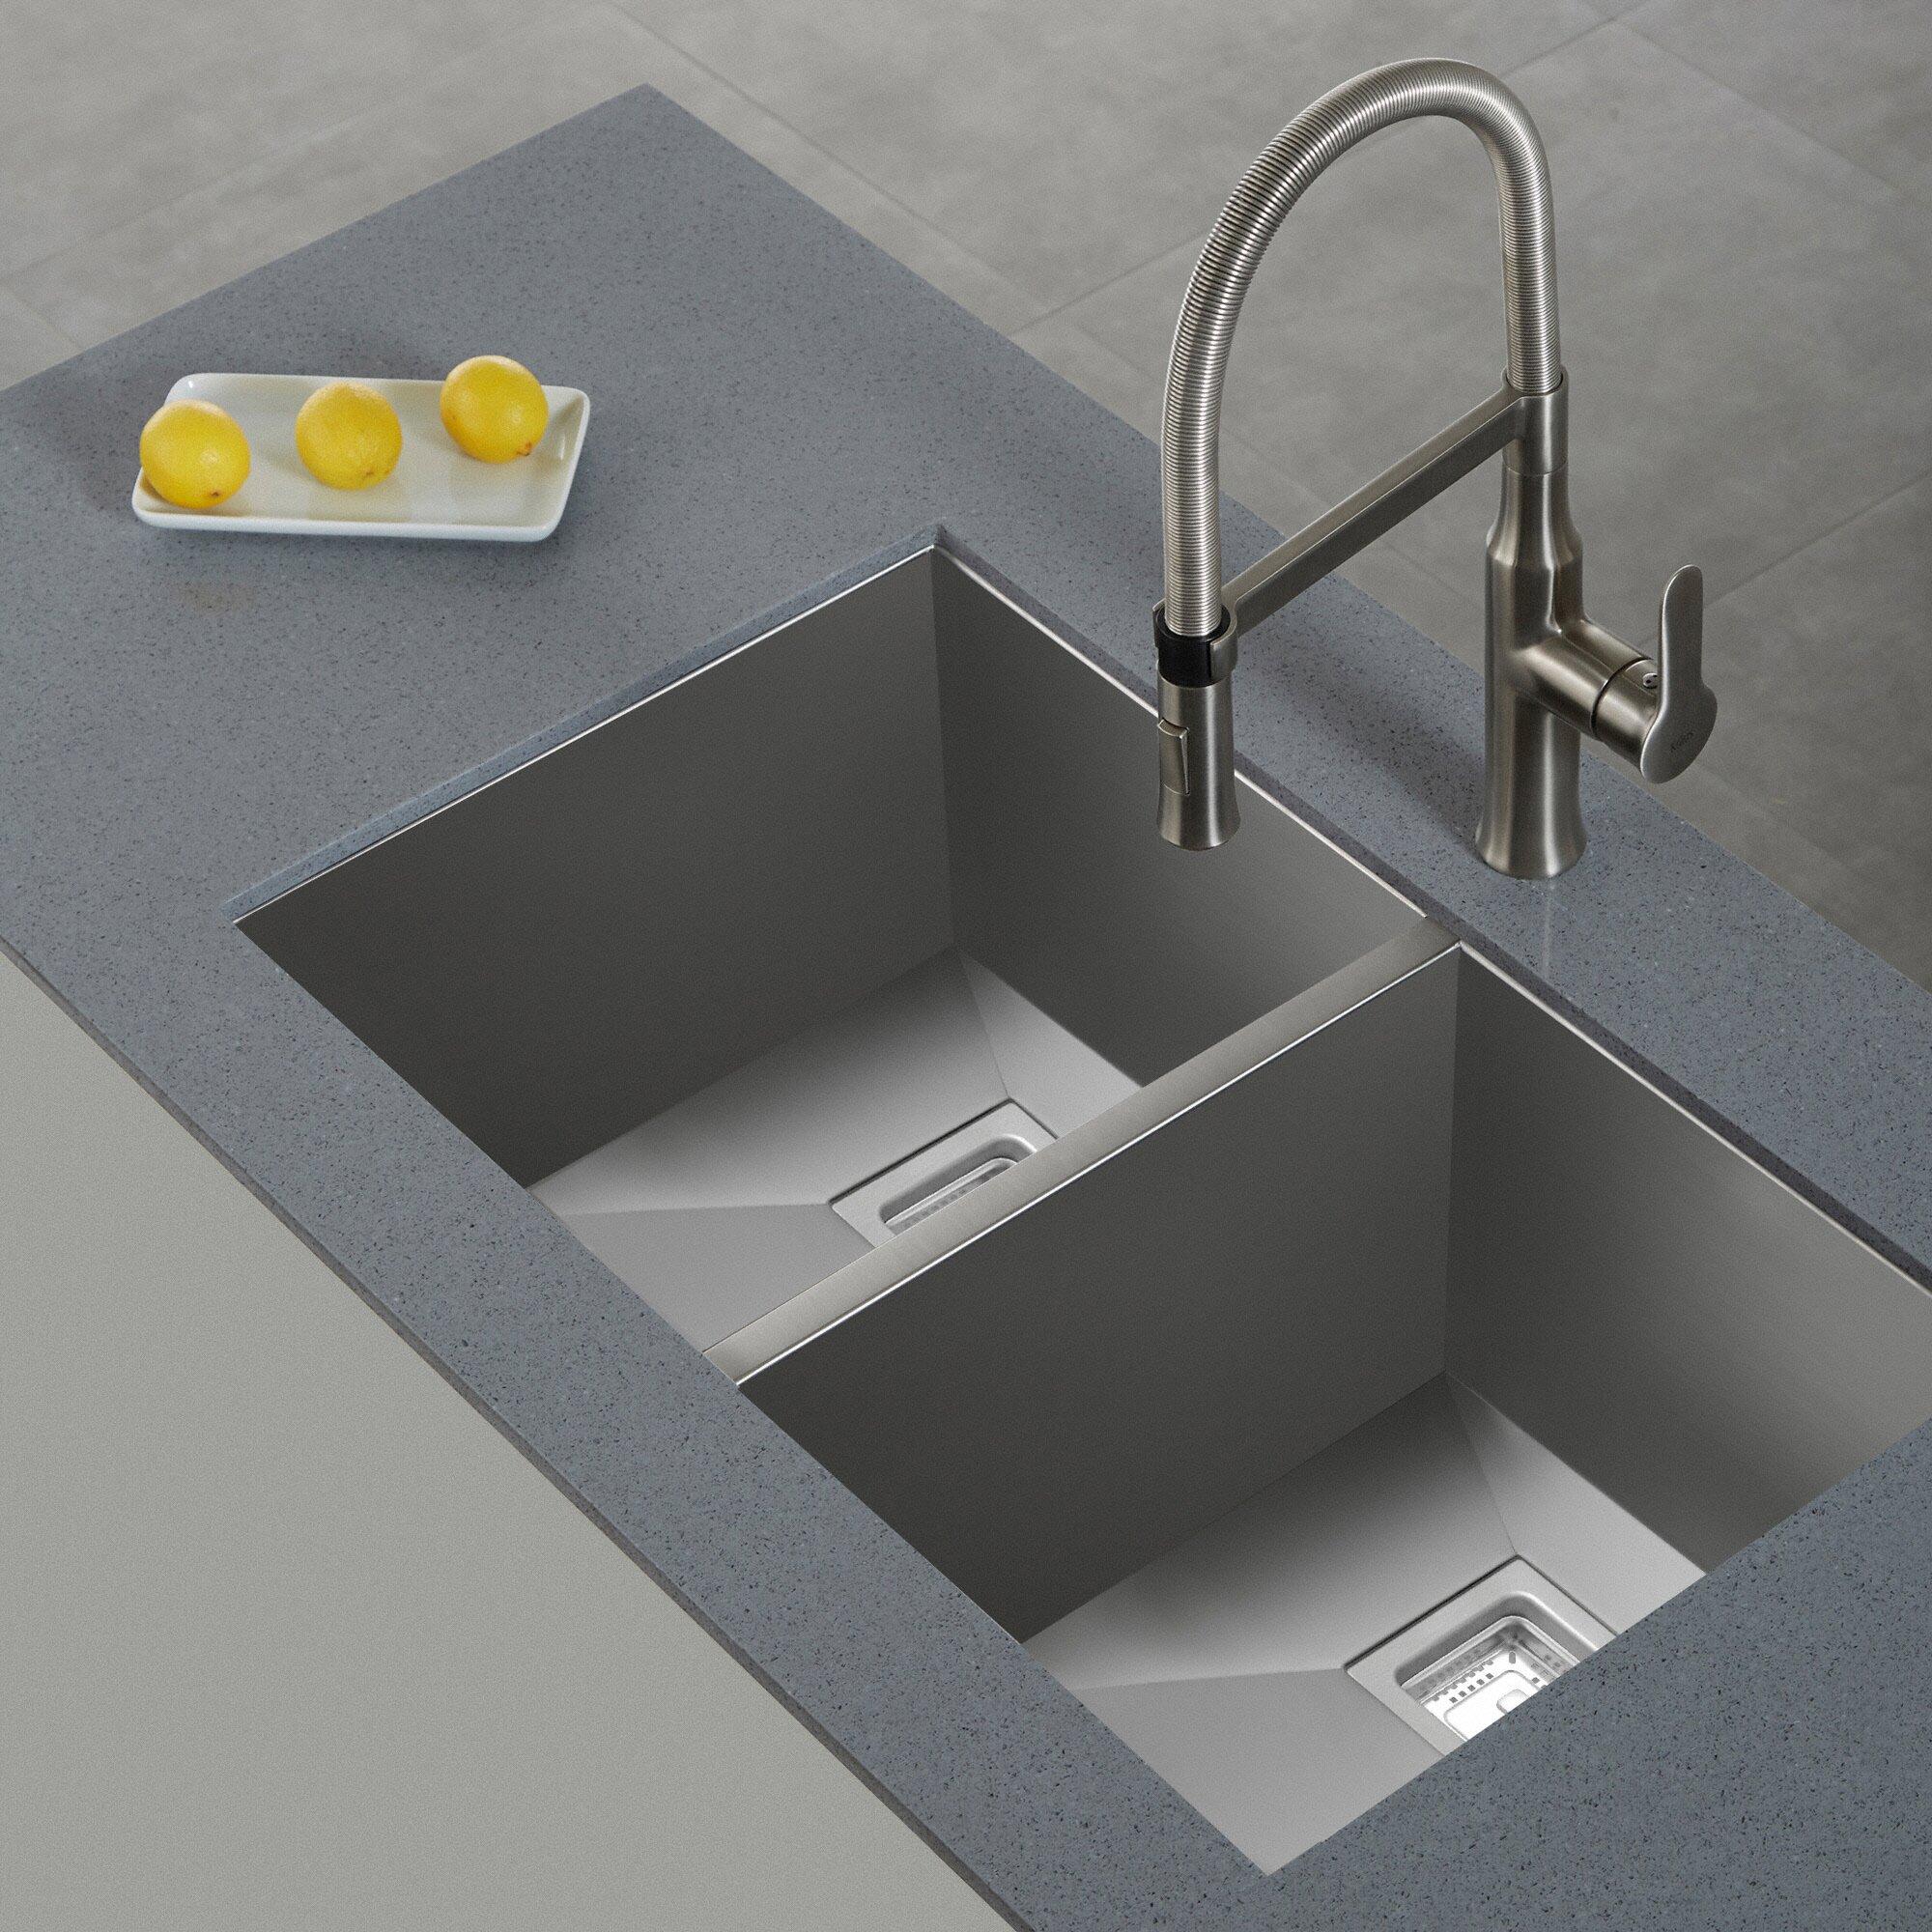 Where Are Kraus Sinks Manufactured : ... ... Undermount Kitchen Sinks Kraus Part #: KHU322 SKU: KUS3024